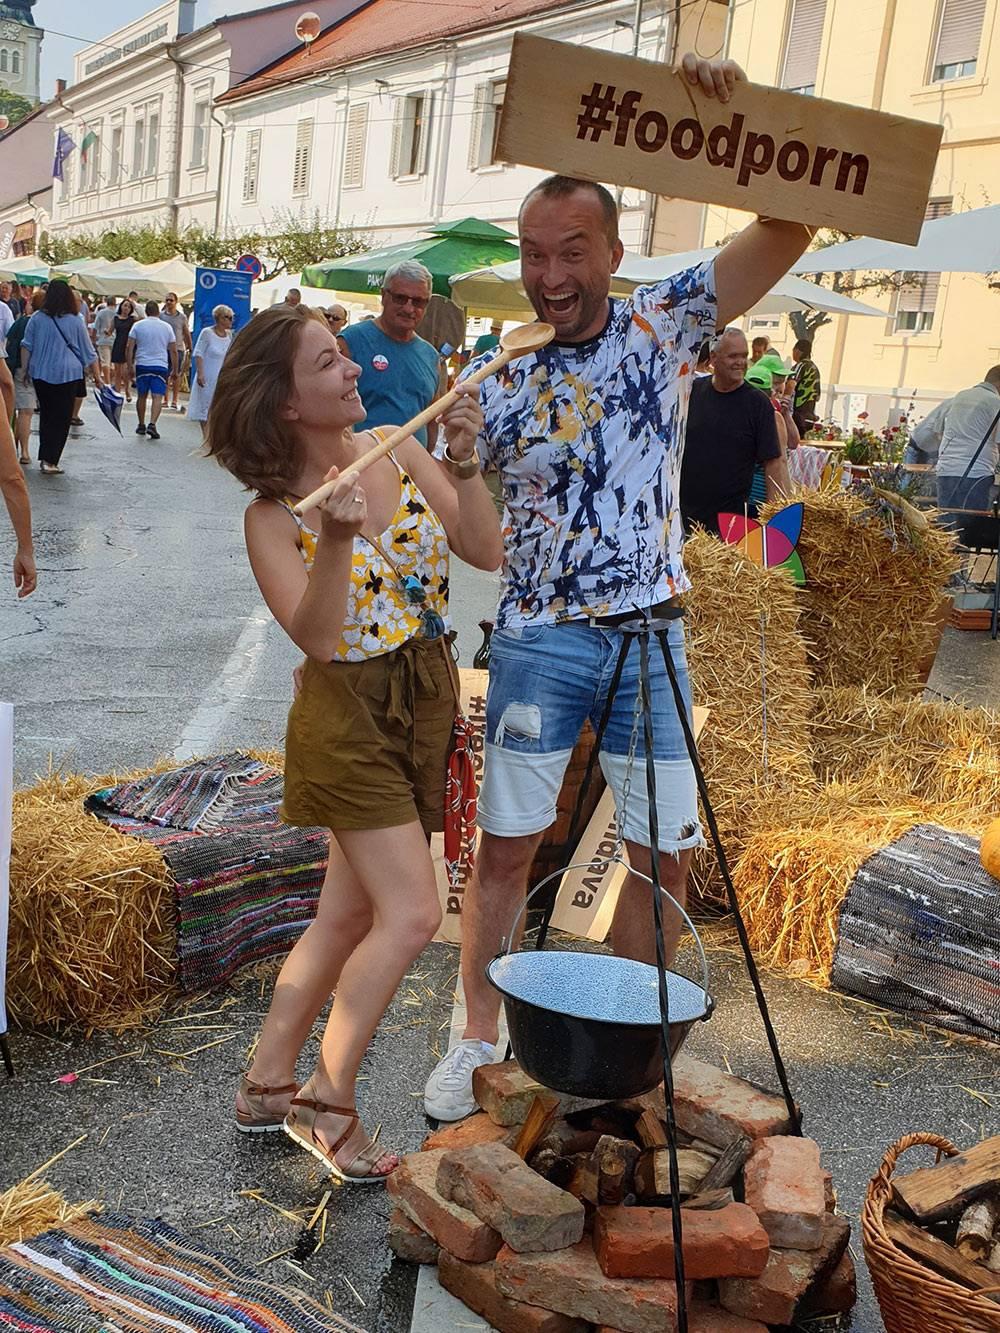 Бограчфест — праздник для местных. О нем знают редкие туристы